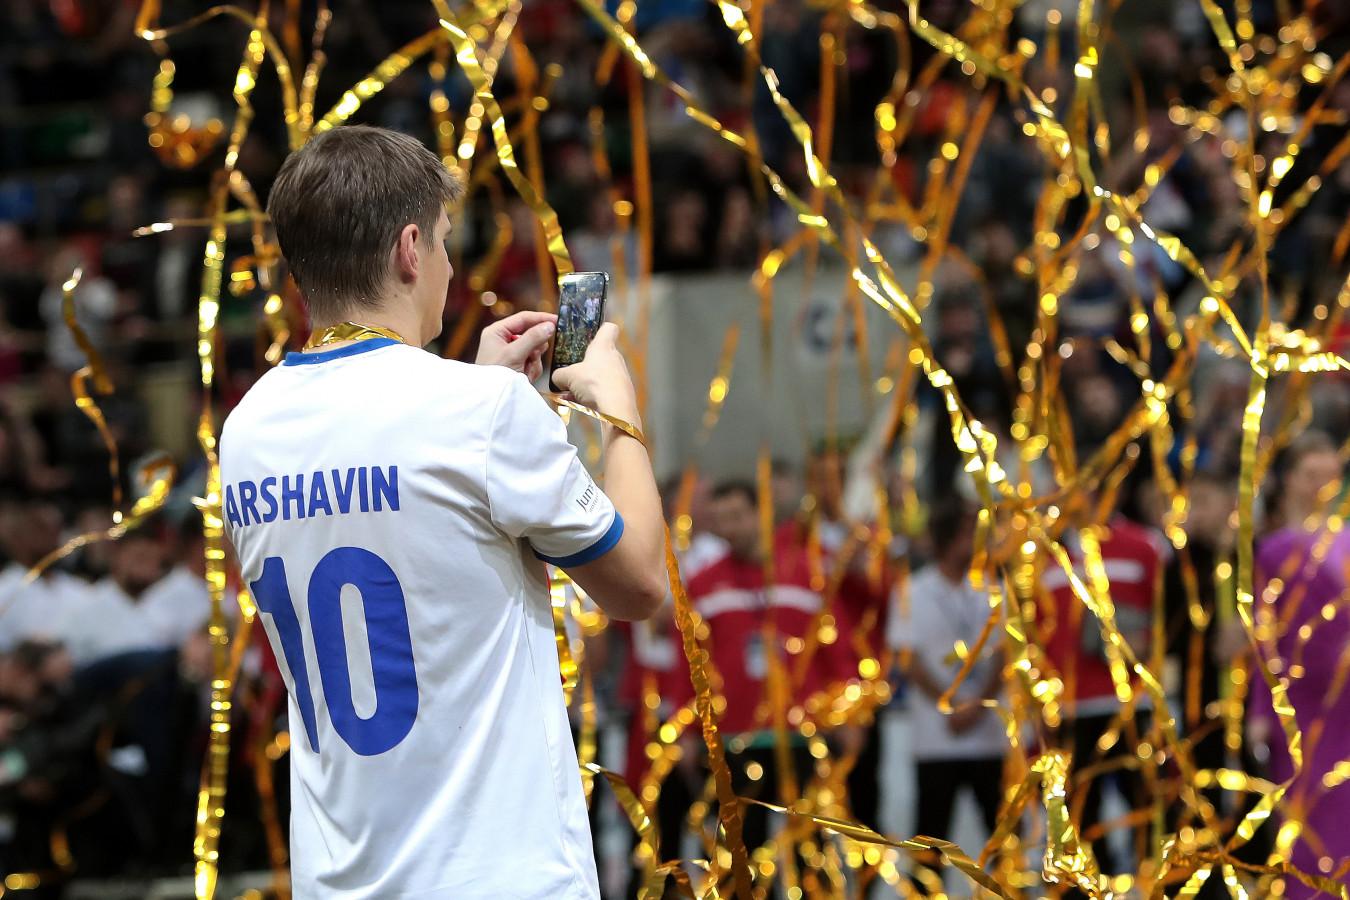 Аршавин: я был и очень умным, и очень ленивым футболистом. В «Зените» был лучшим во всём